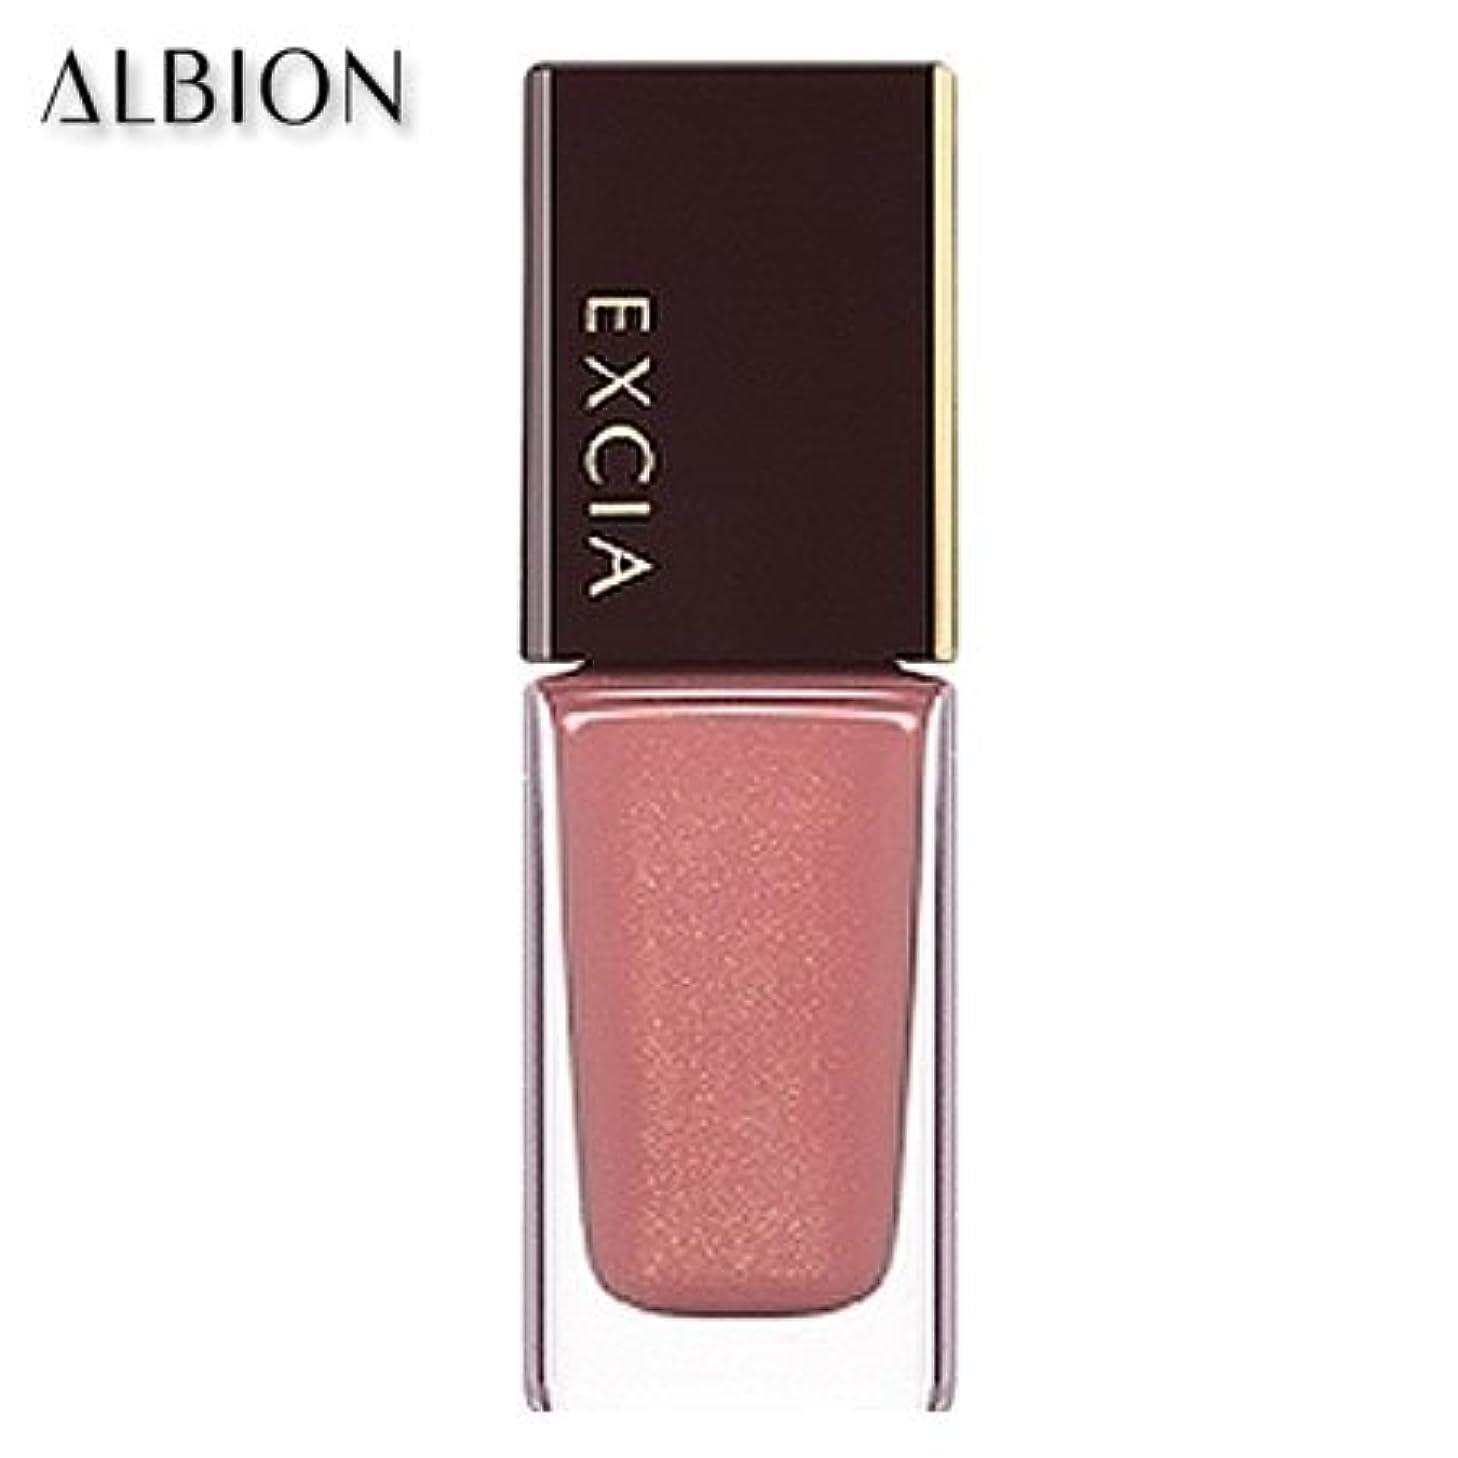 理容師の面ではナースアルビオン エクシア AL ネイルカラー S 11色 -ALBION- 05